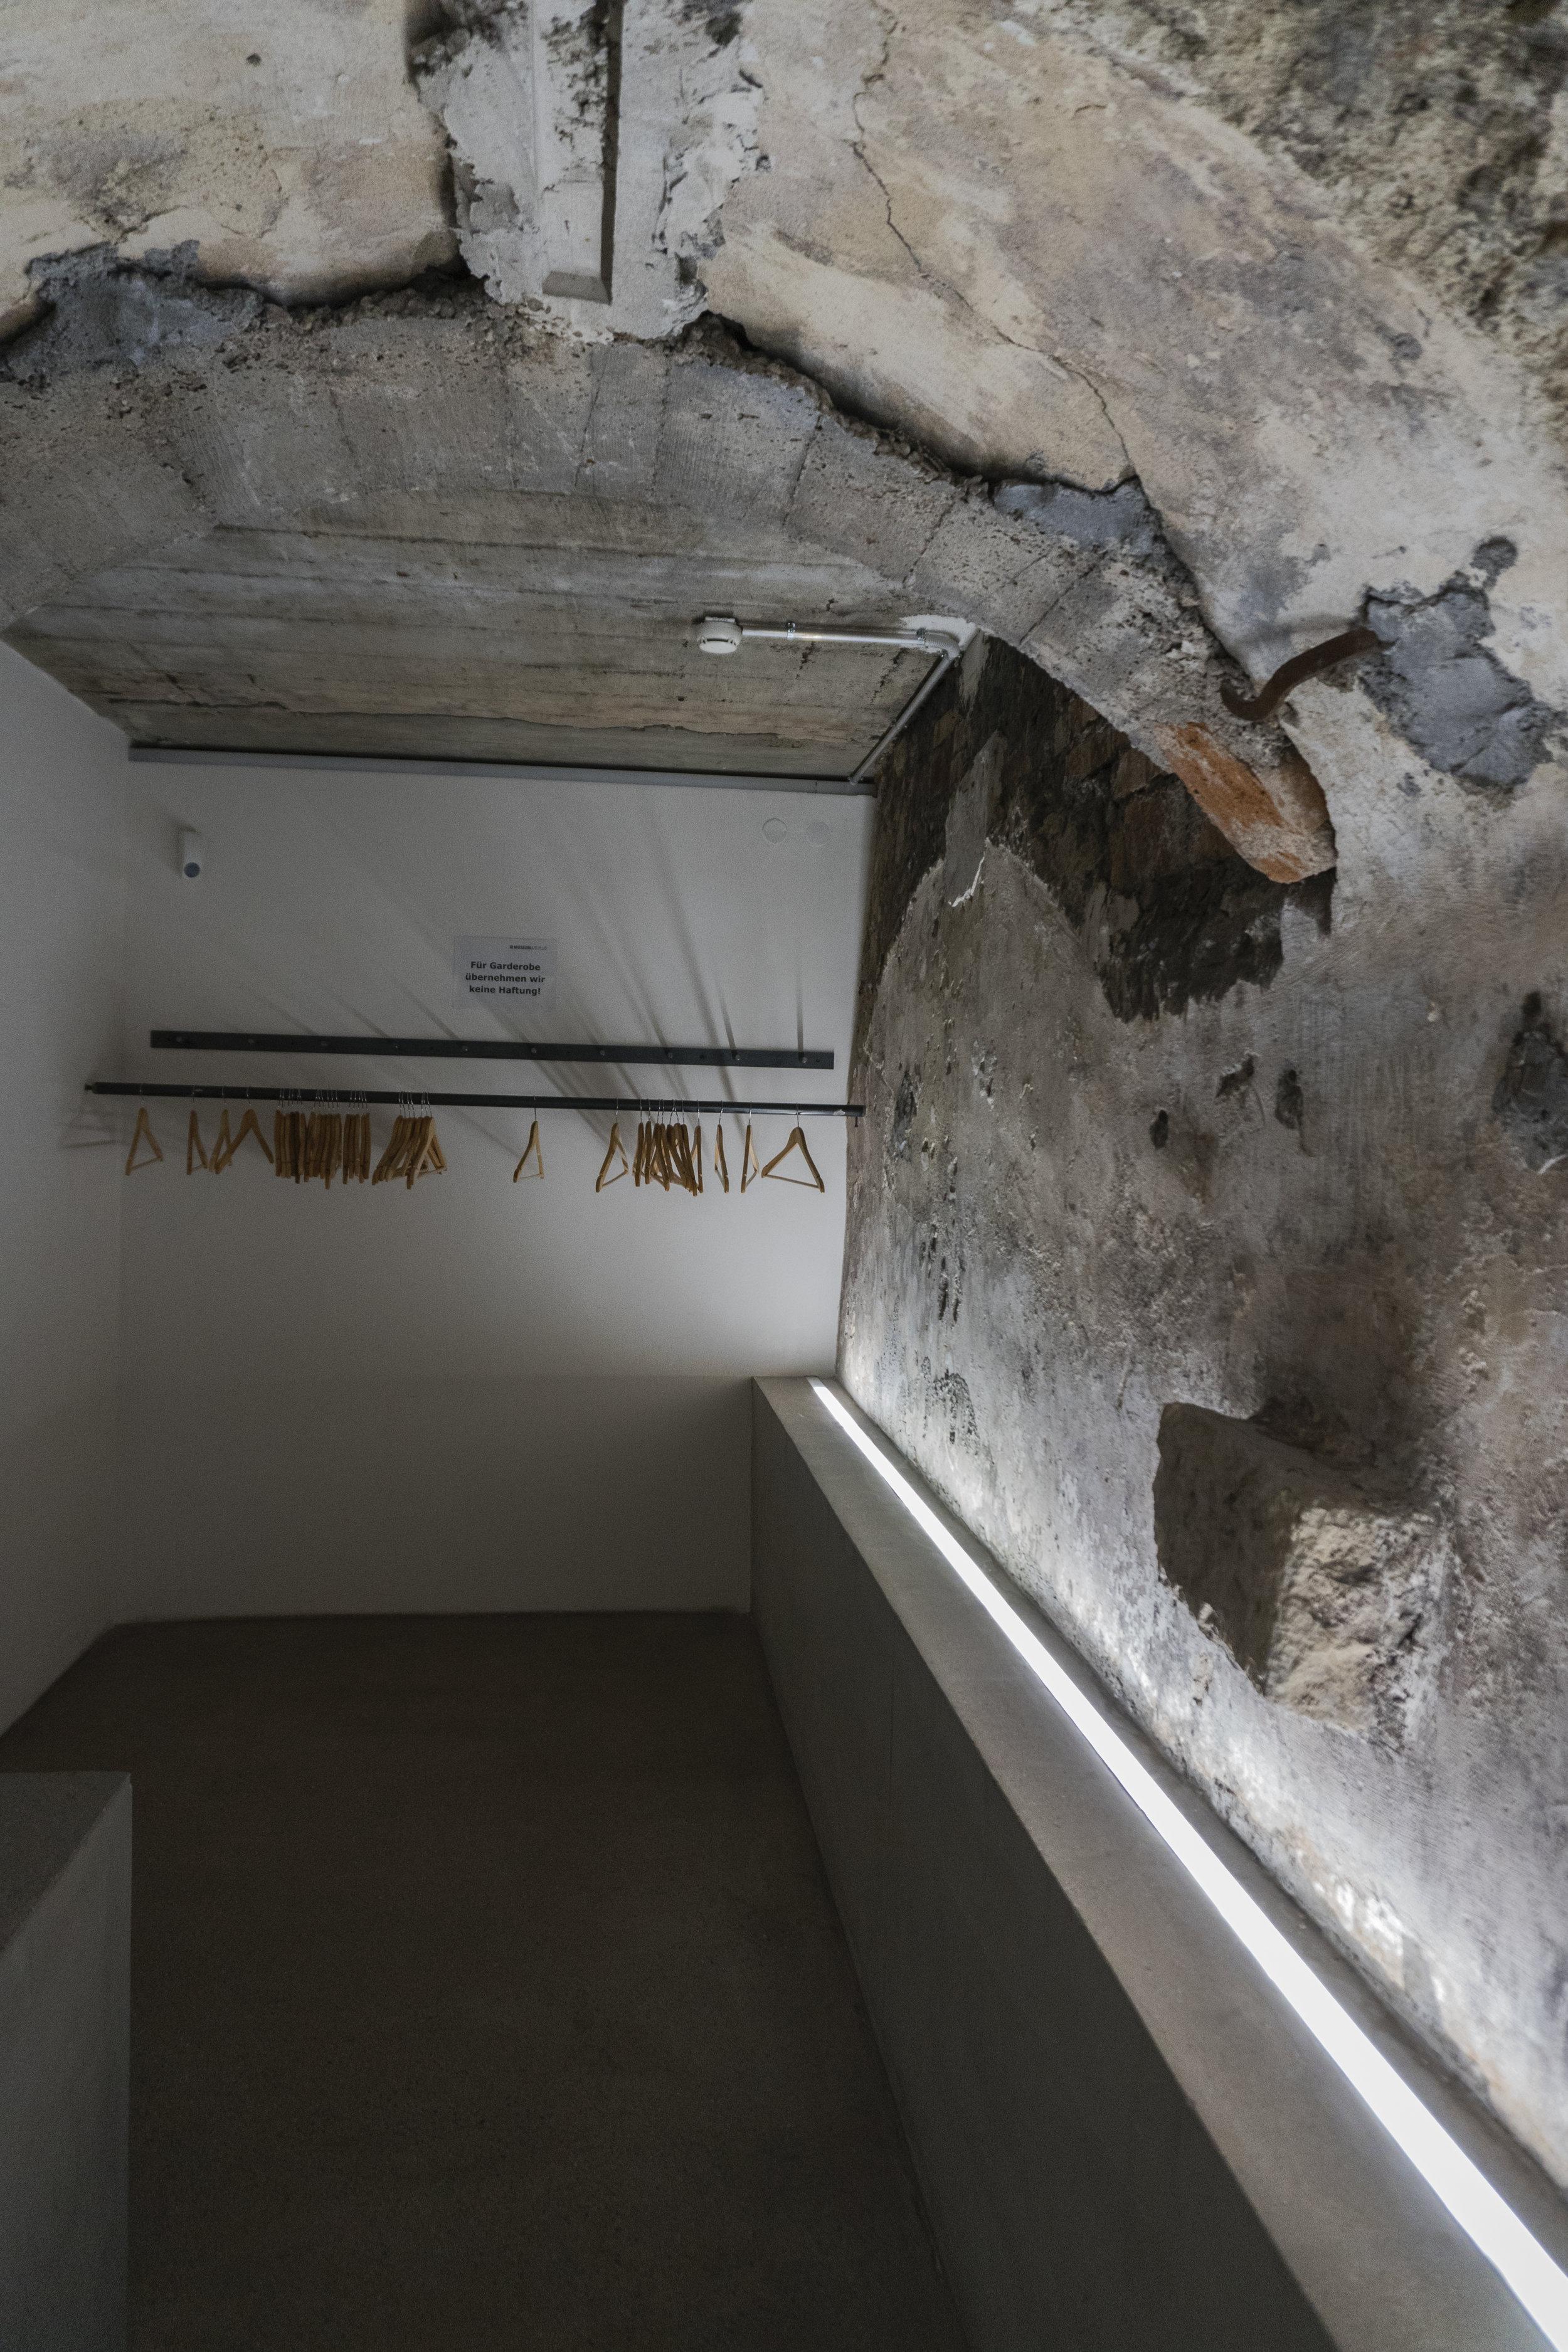 Matériaux bruts, murs sans habillage, les fondations du musée se limitent à l'essentiel dans une volonté affirmée de revenir à l'essence même du bâtiment. Son âme, à nu.